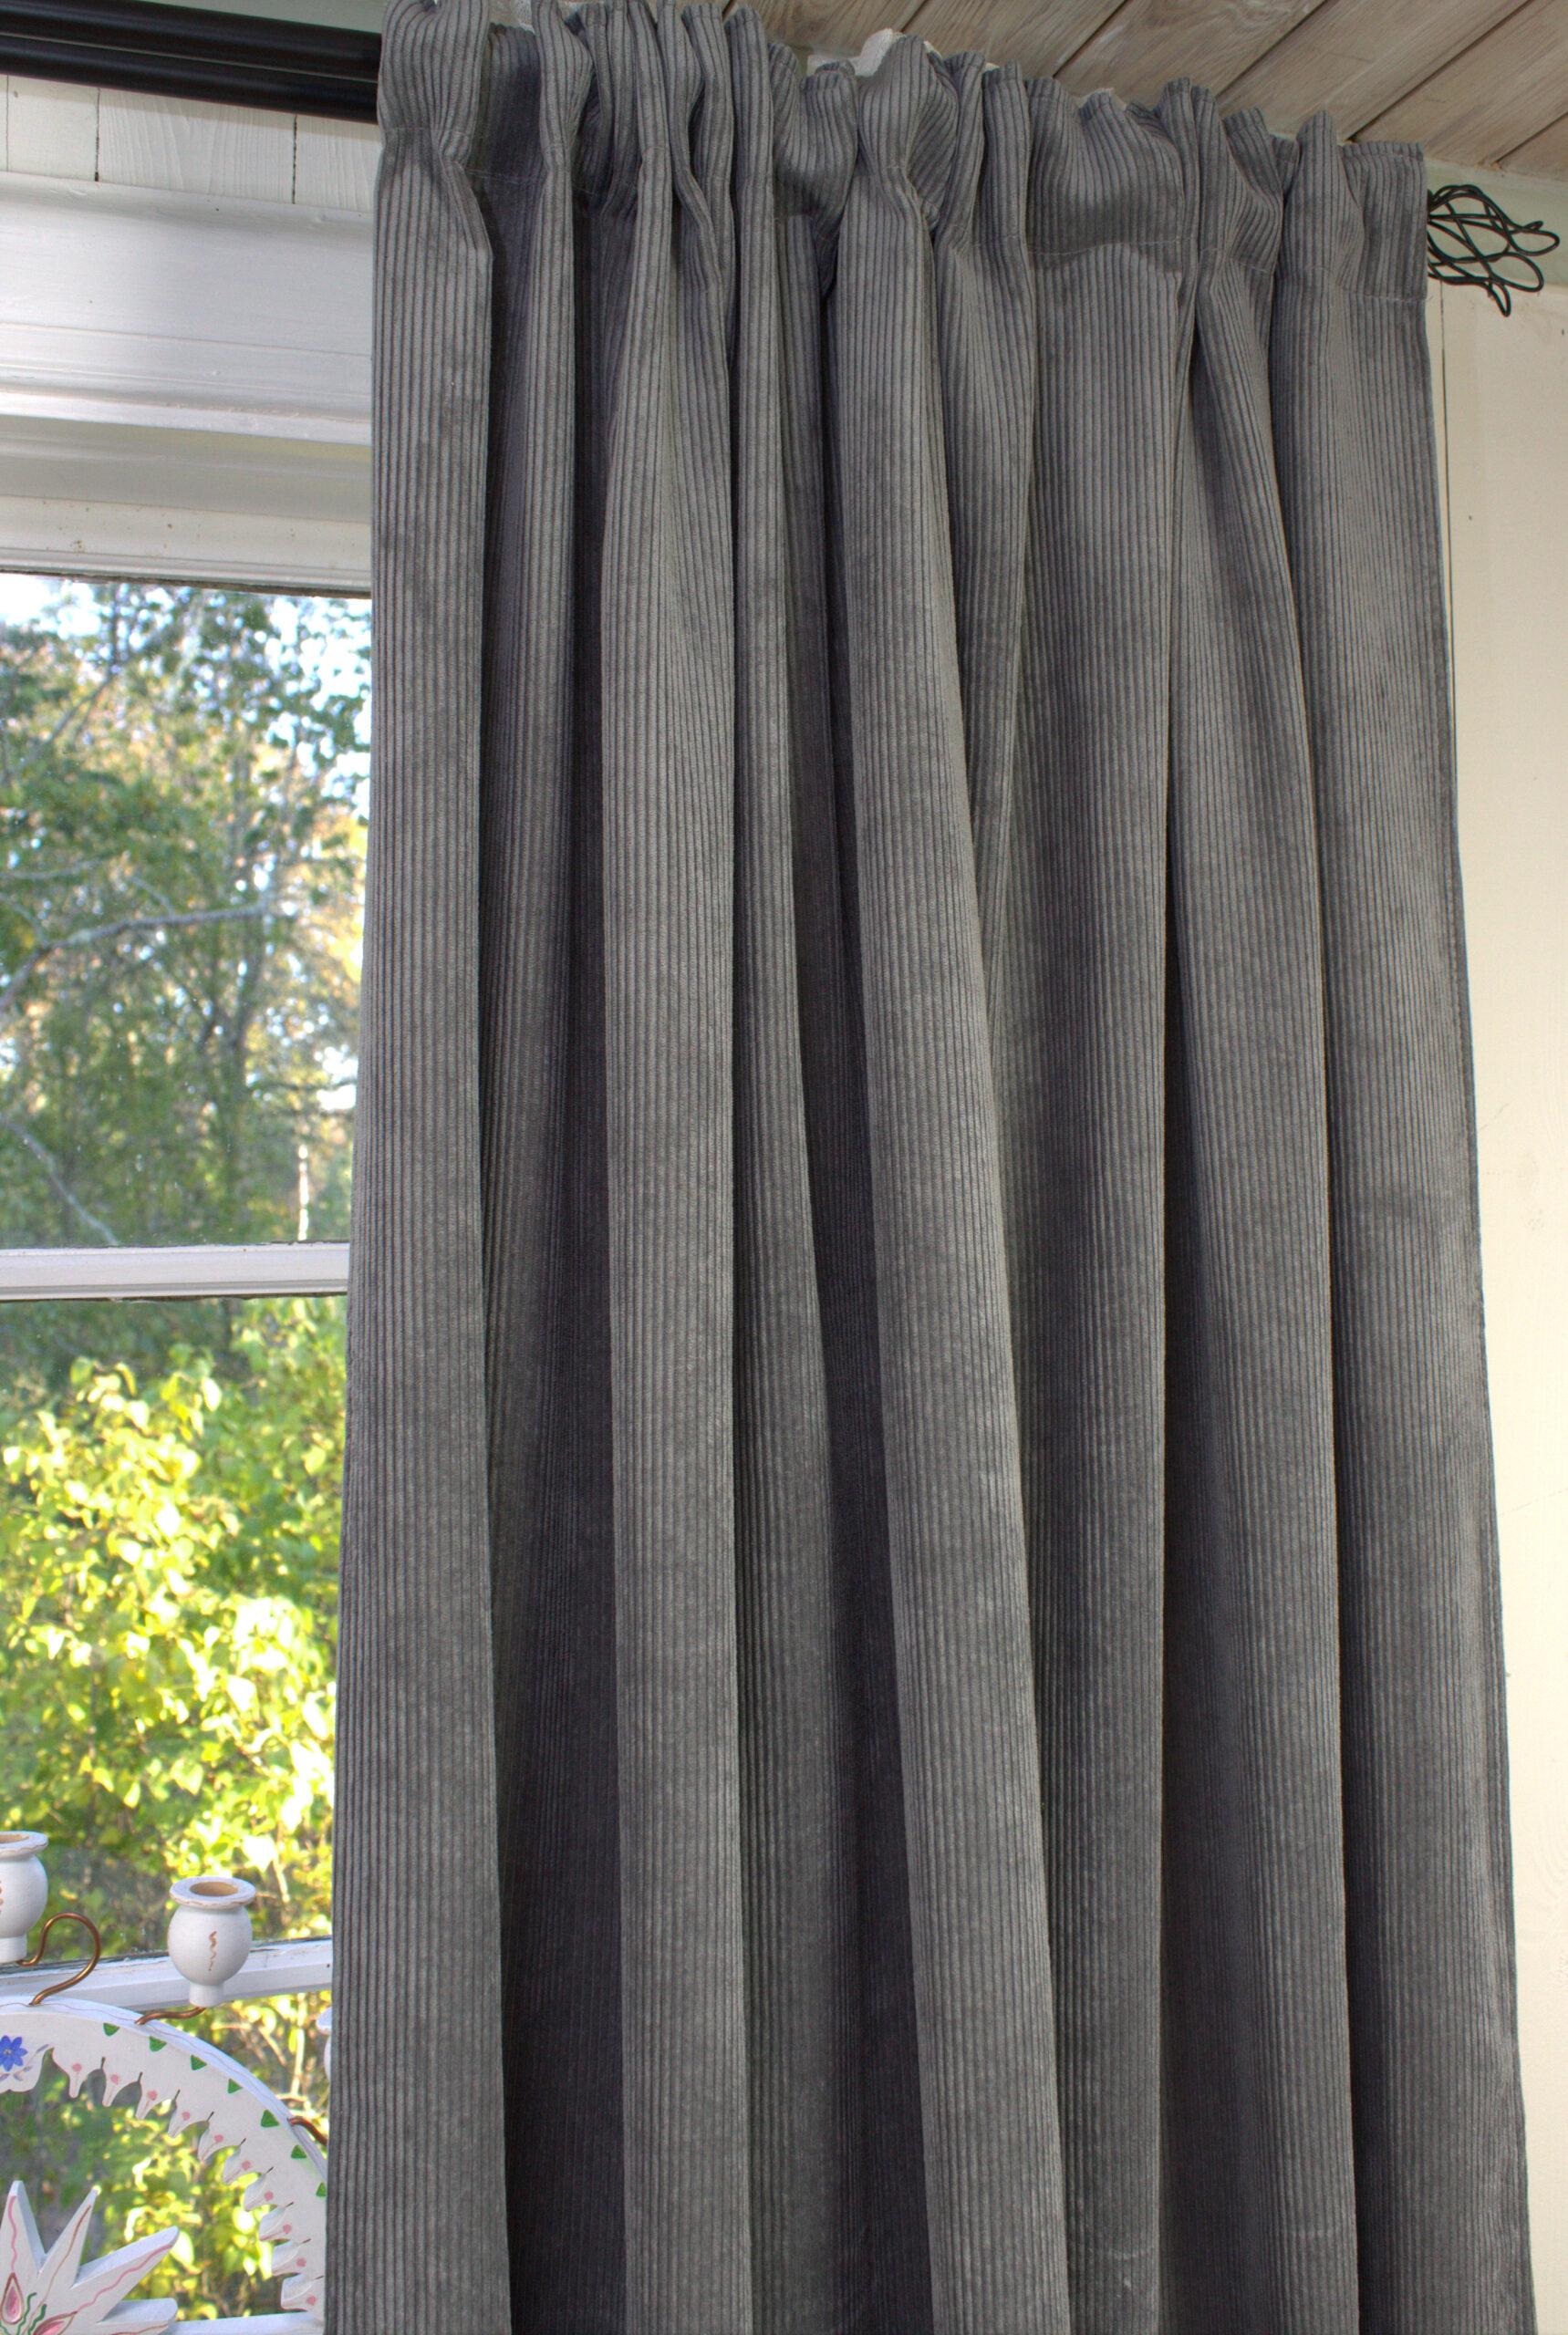 Full Size of Vorhang Suna Samt Kord Grau 140x250 Cm 2 Stck Blickdicht Fenster Gardinen Für Schlafzimmer Küche Wohnzimmer Die Scheibengardinen Wohnzimmer Blickdichte Gardinen